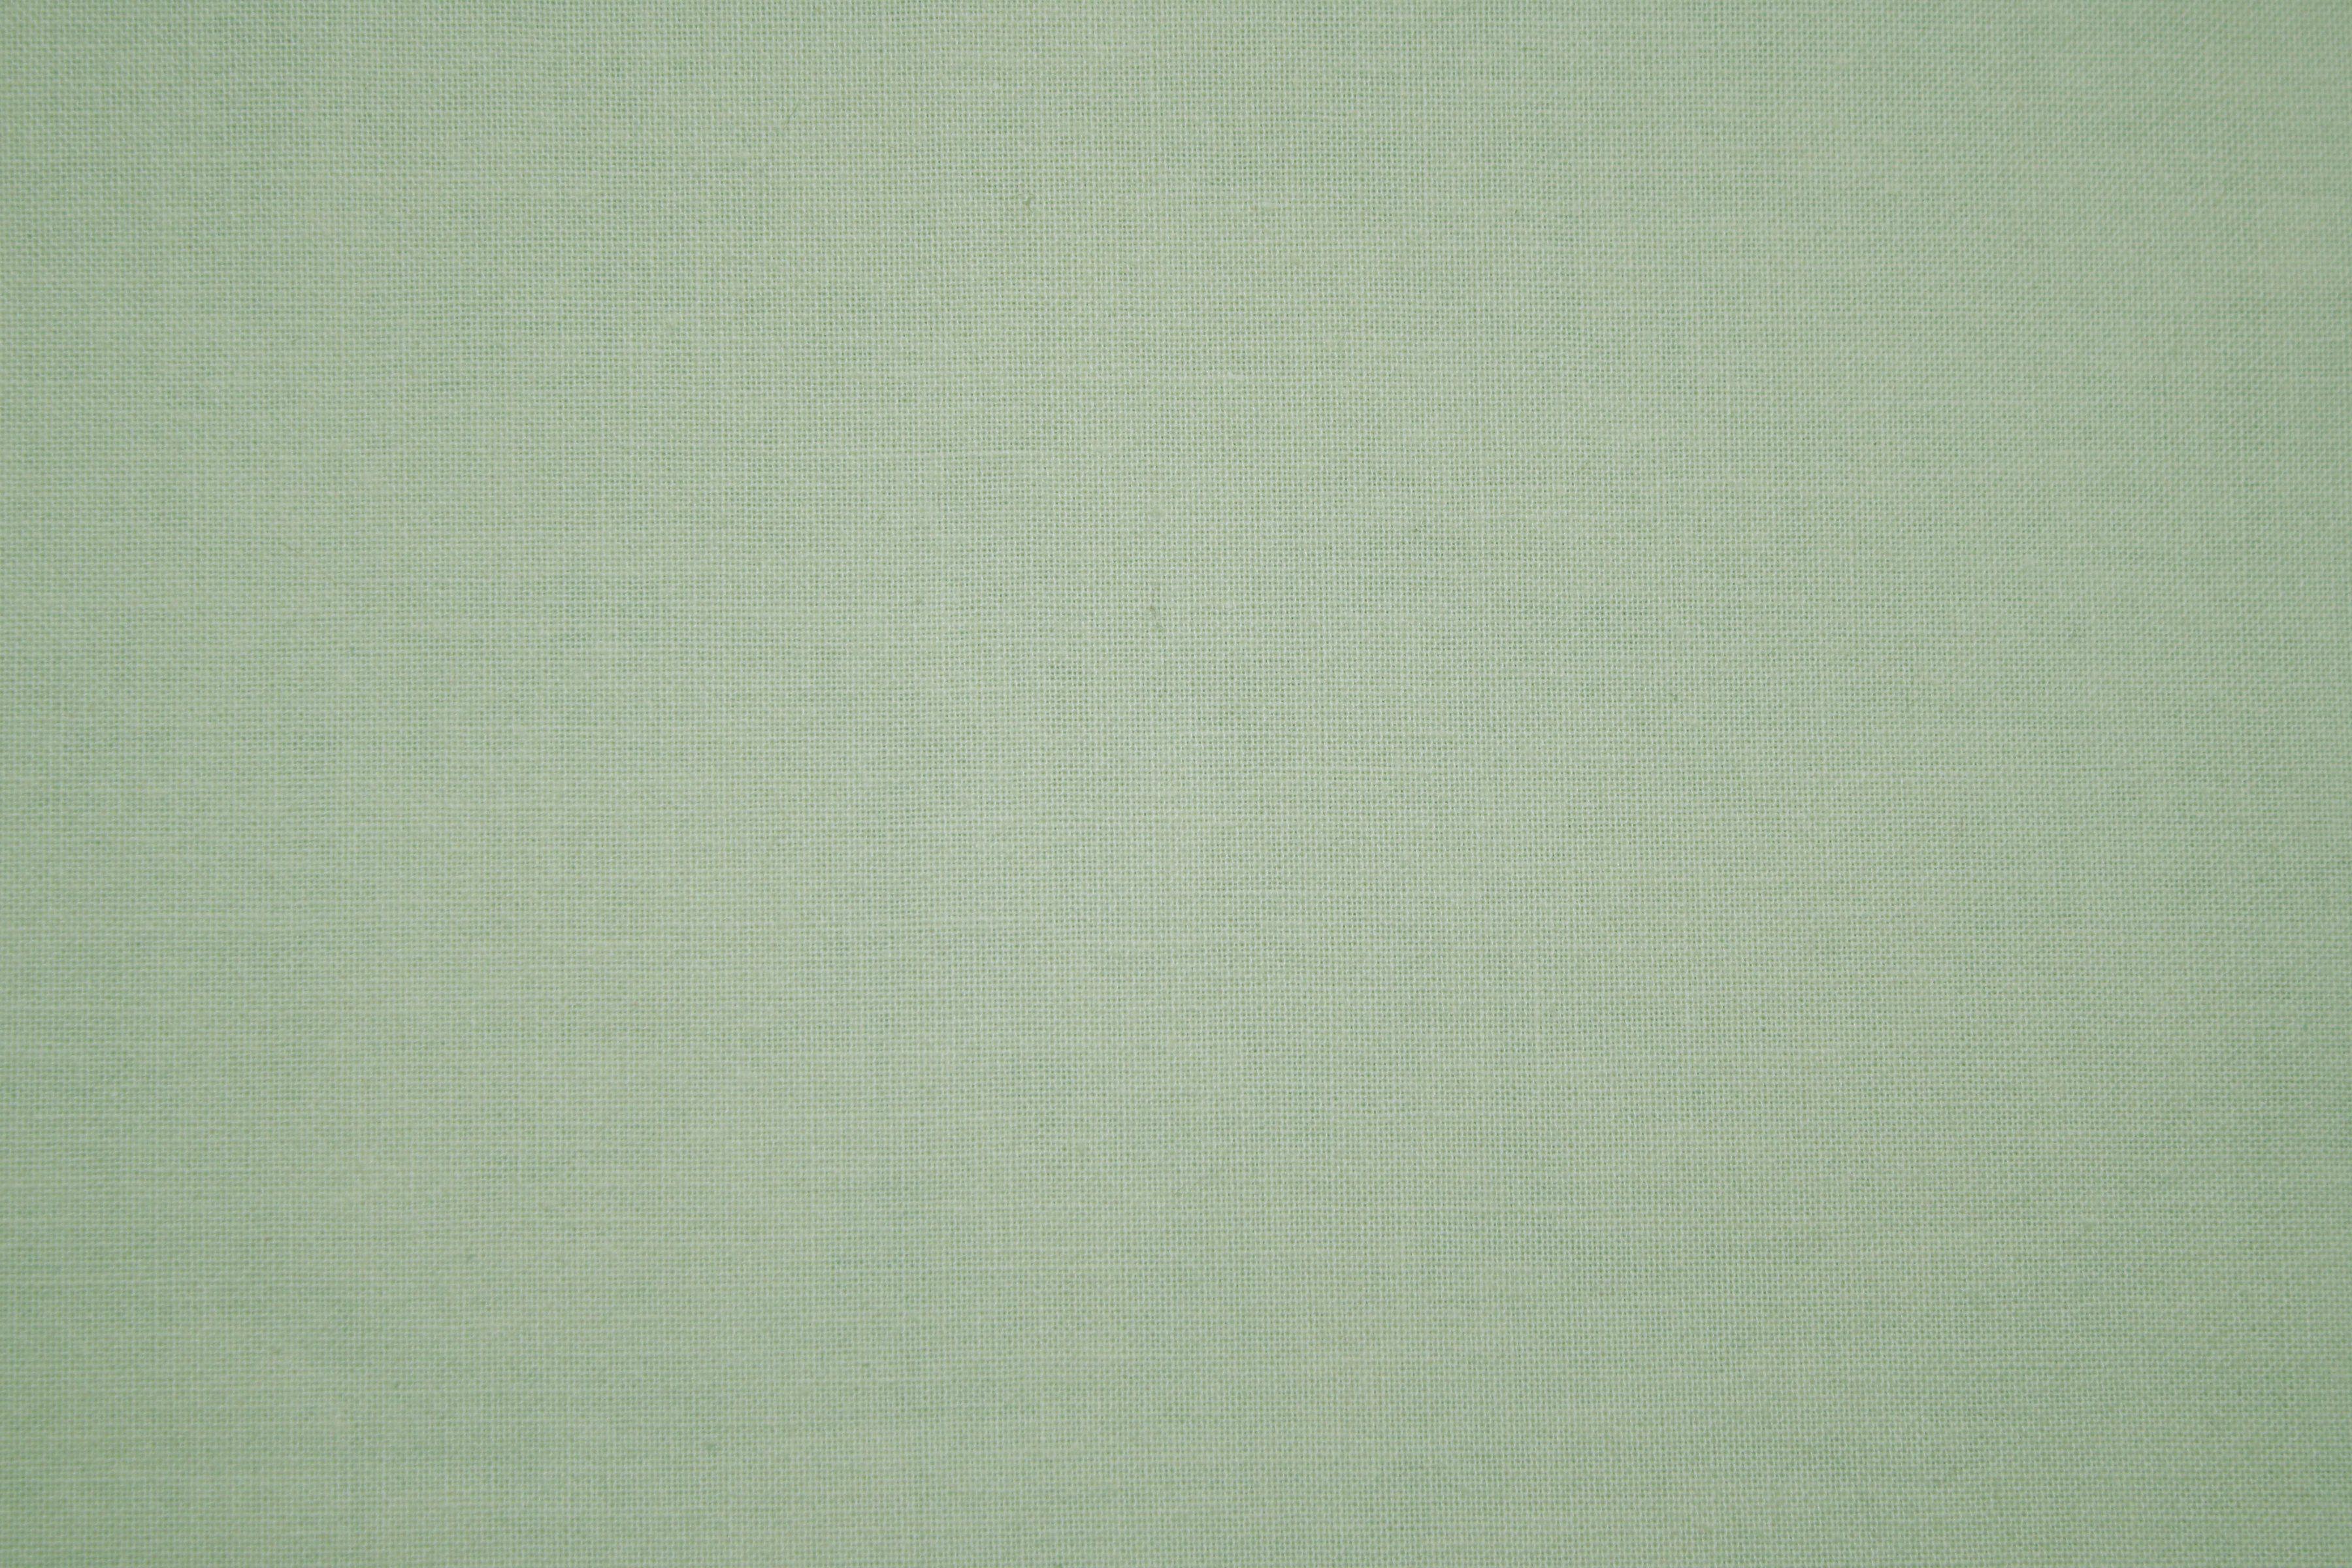 Hình nền màu xanh lá cây Sage 3600x2400